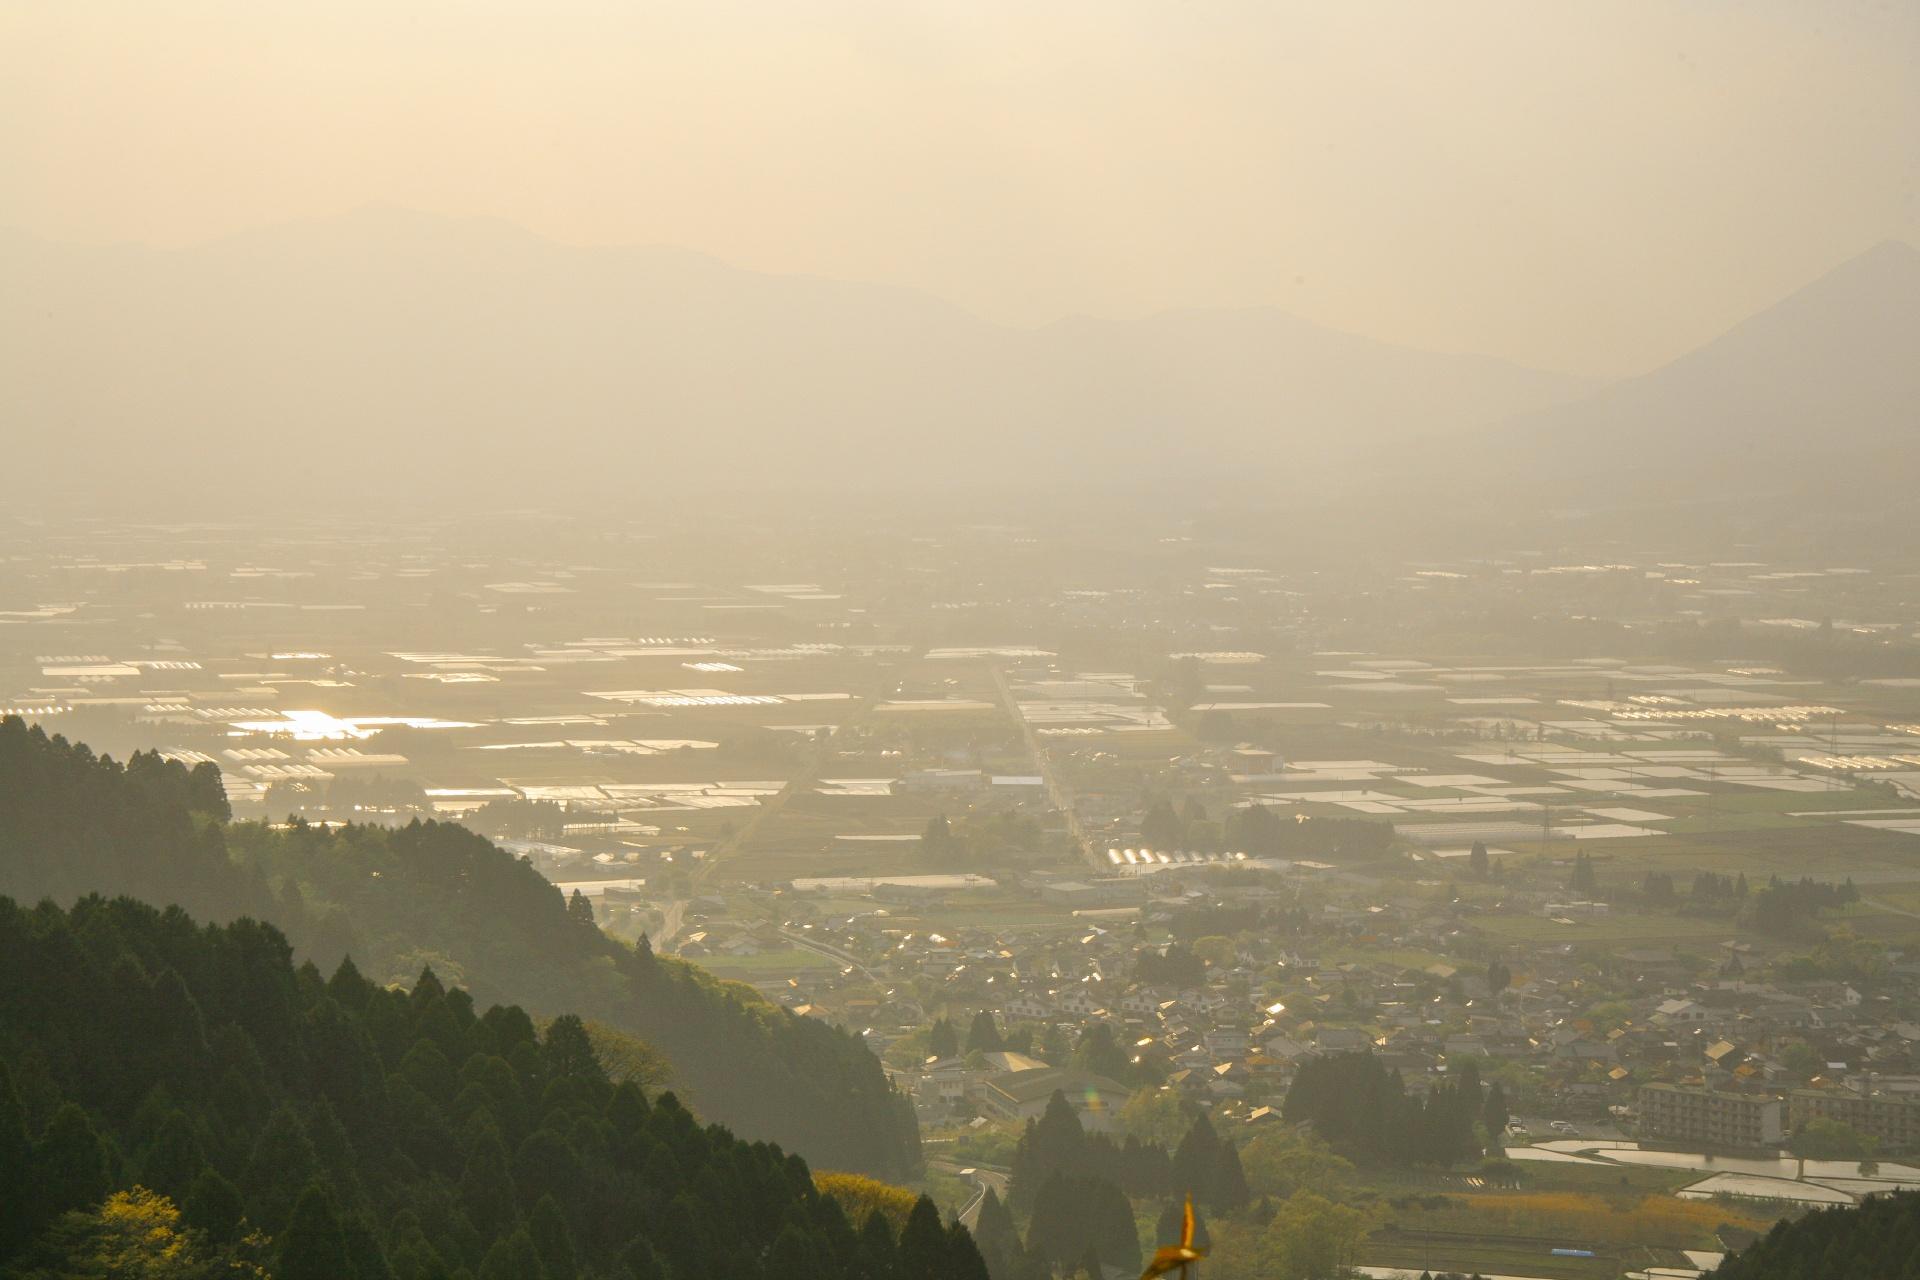 高森峠から見る風景 熊本の風景